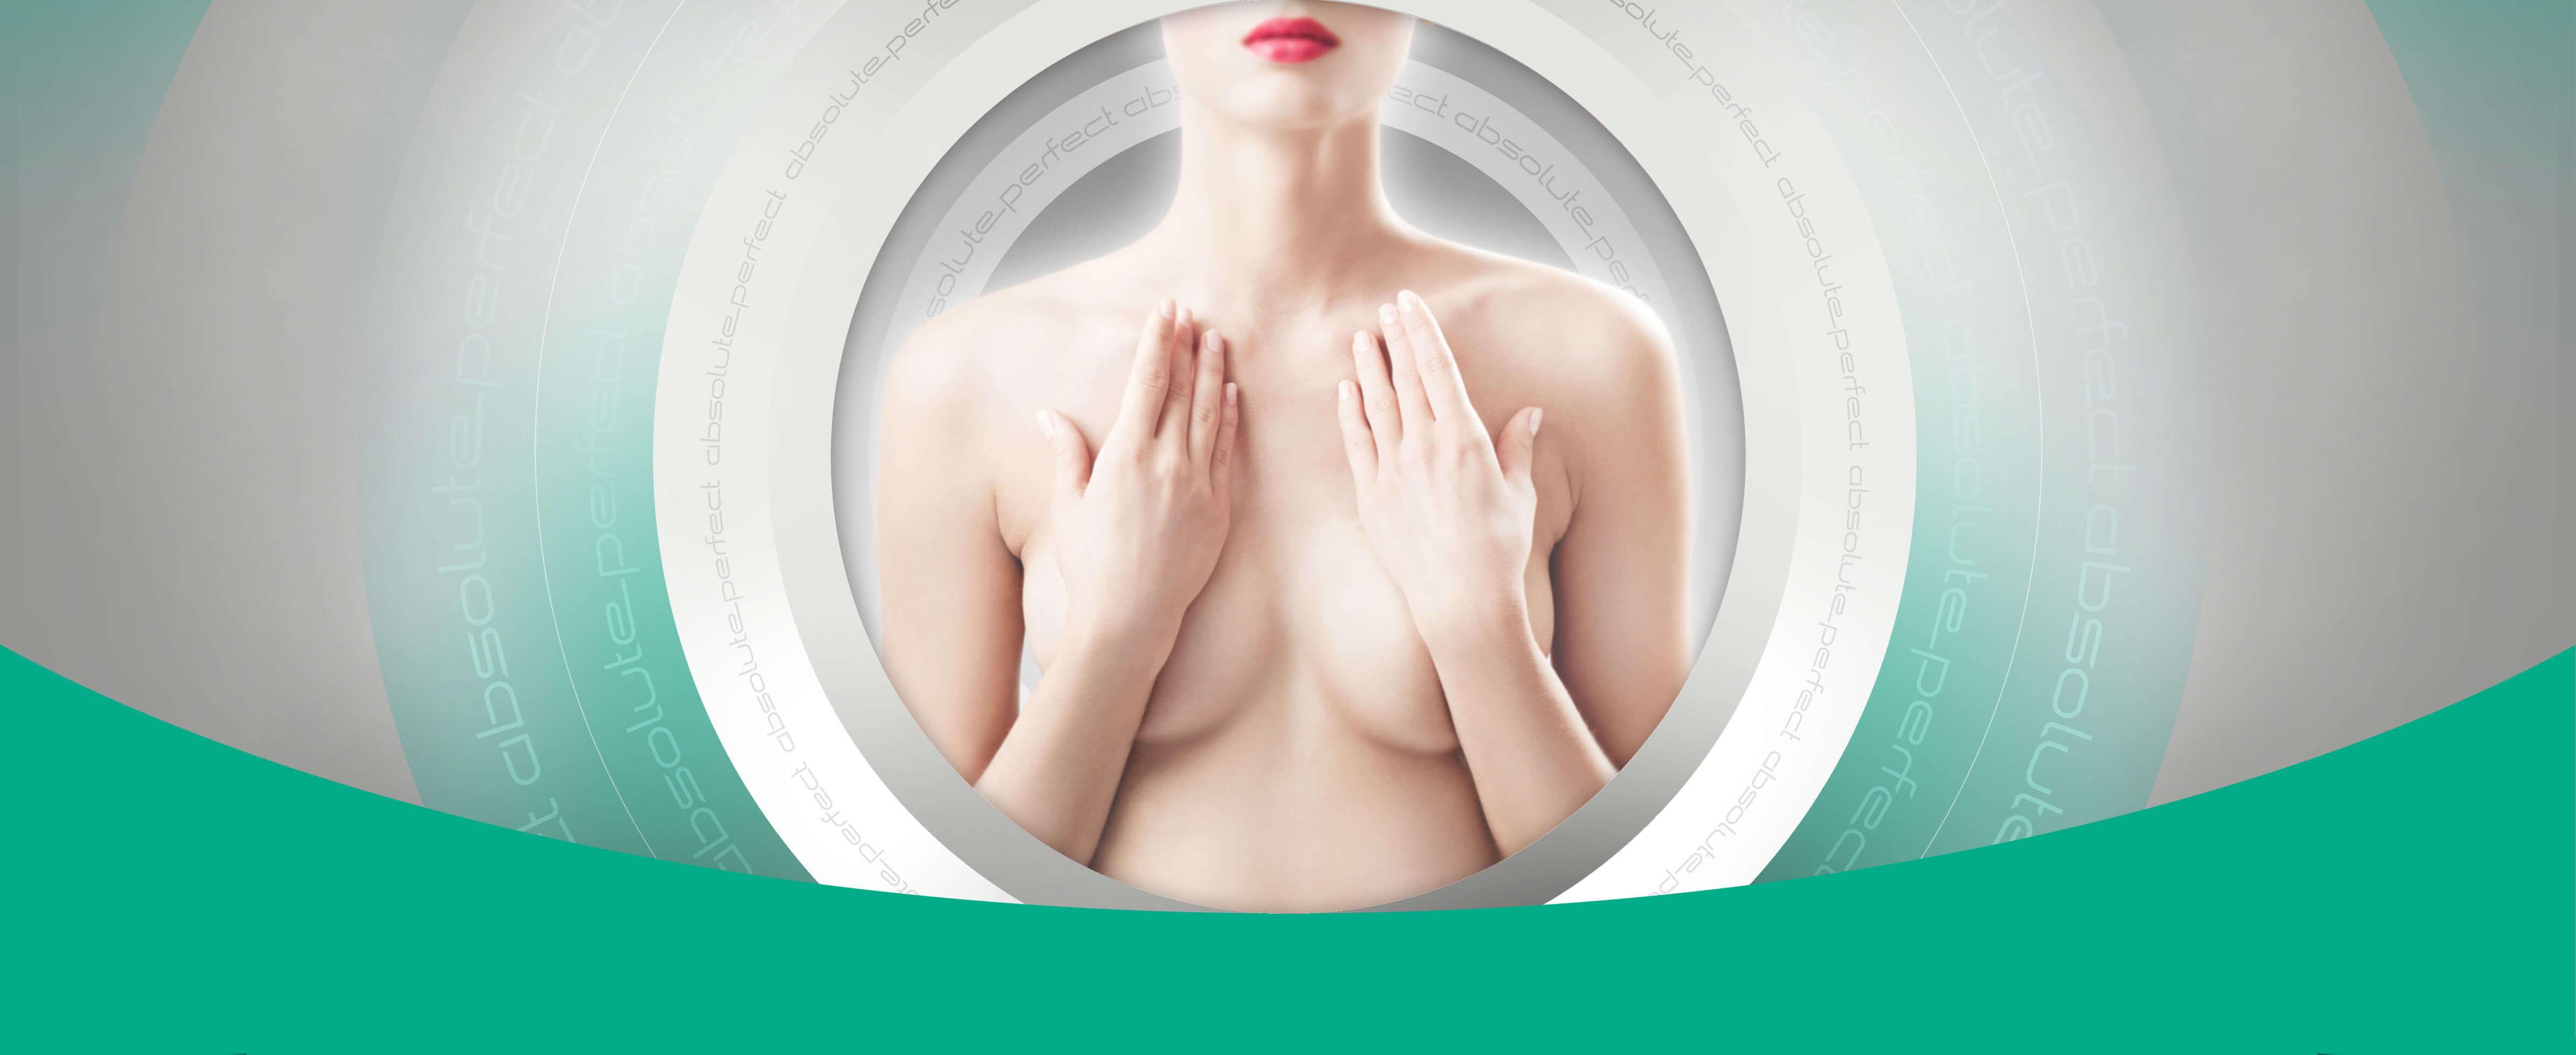 sauna nach brust op